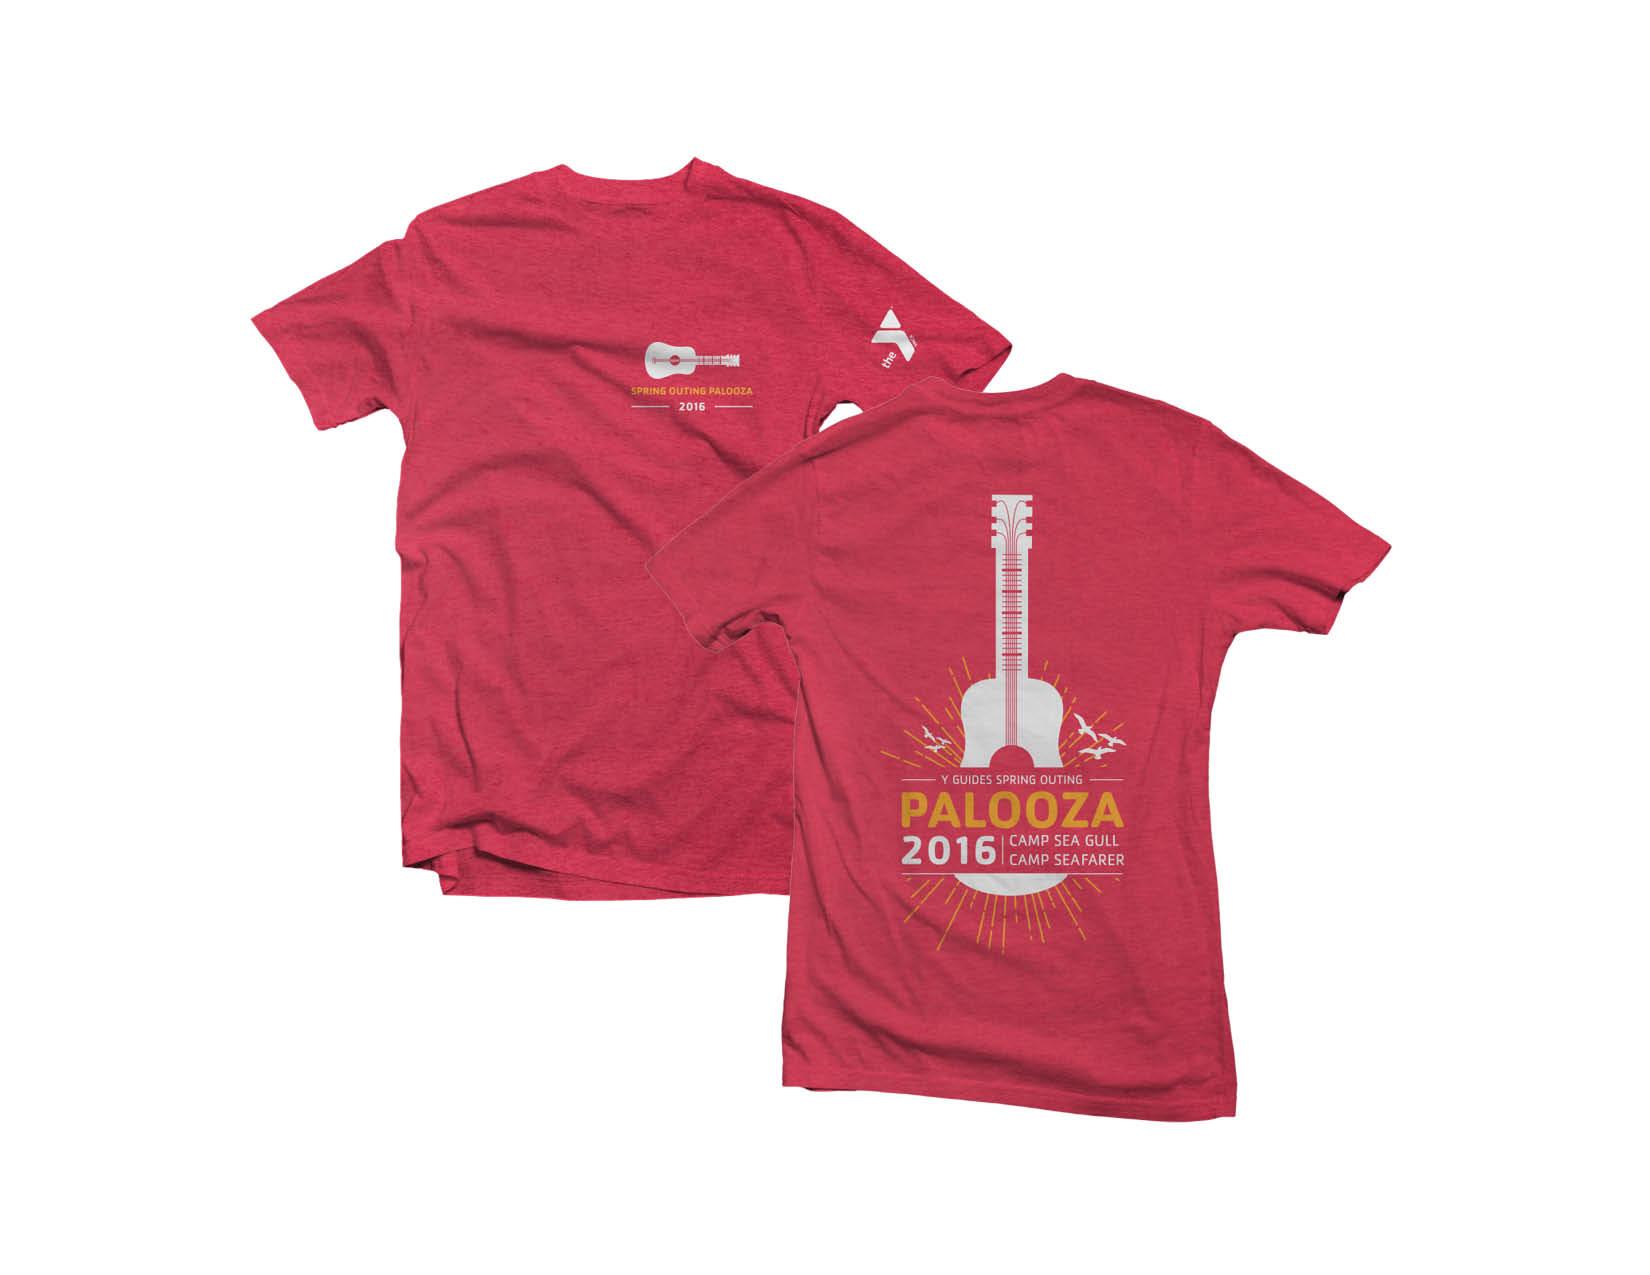 T-Shirts8.jpg